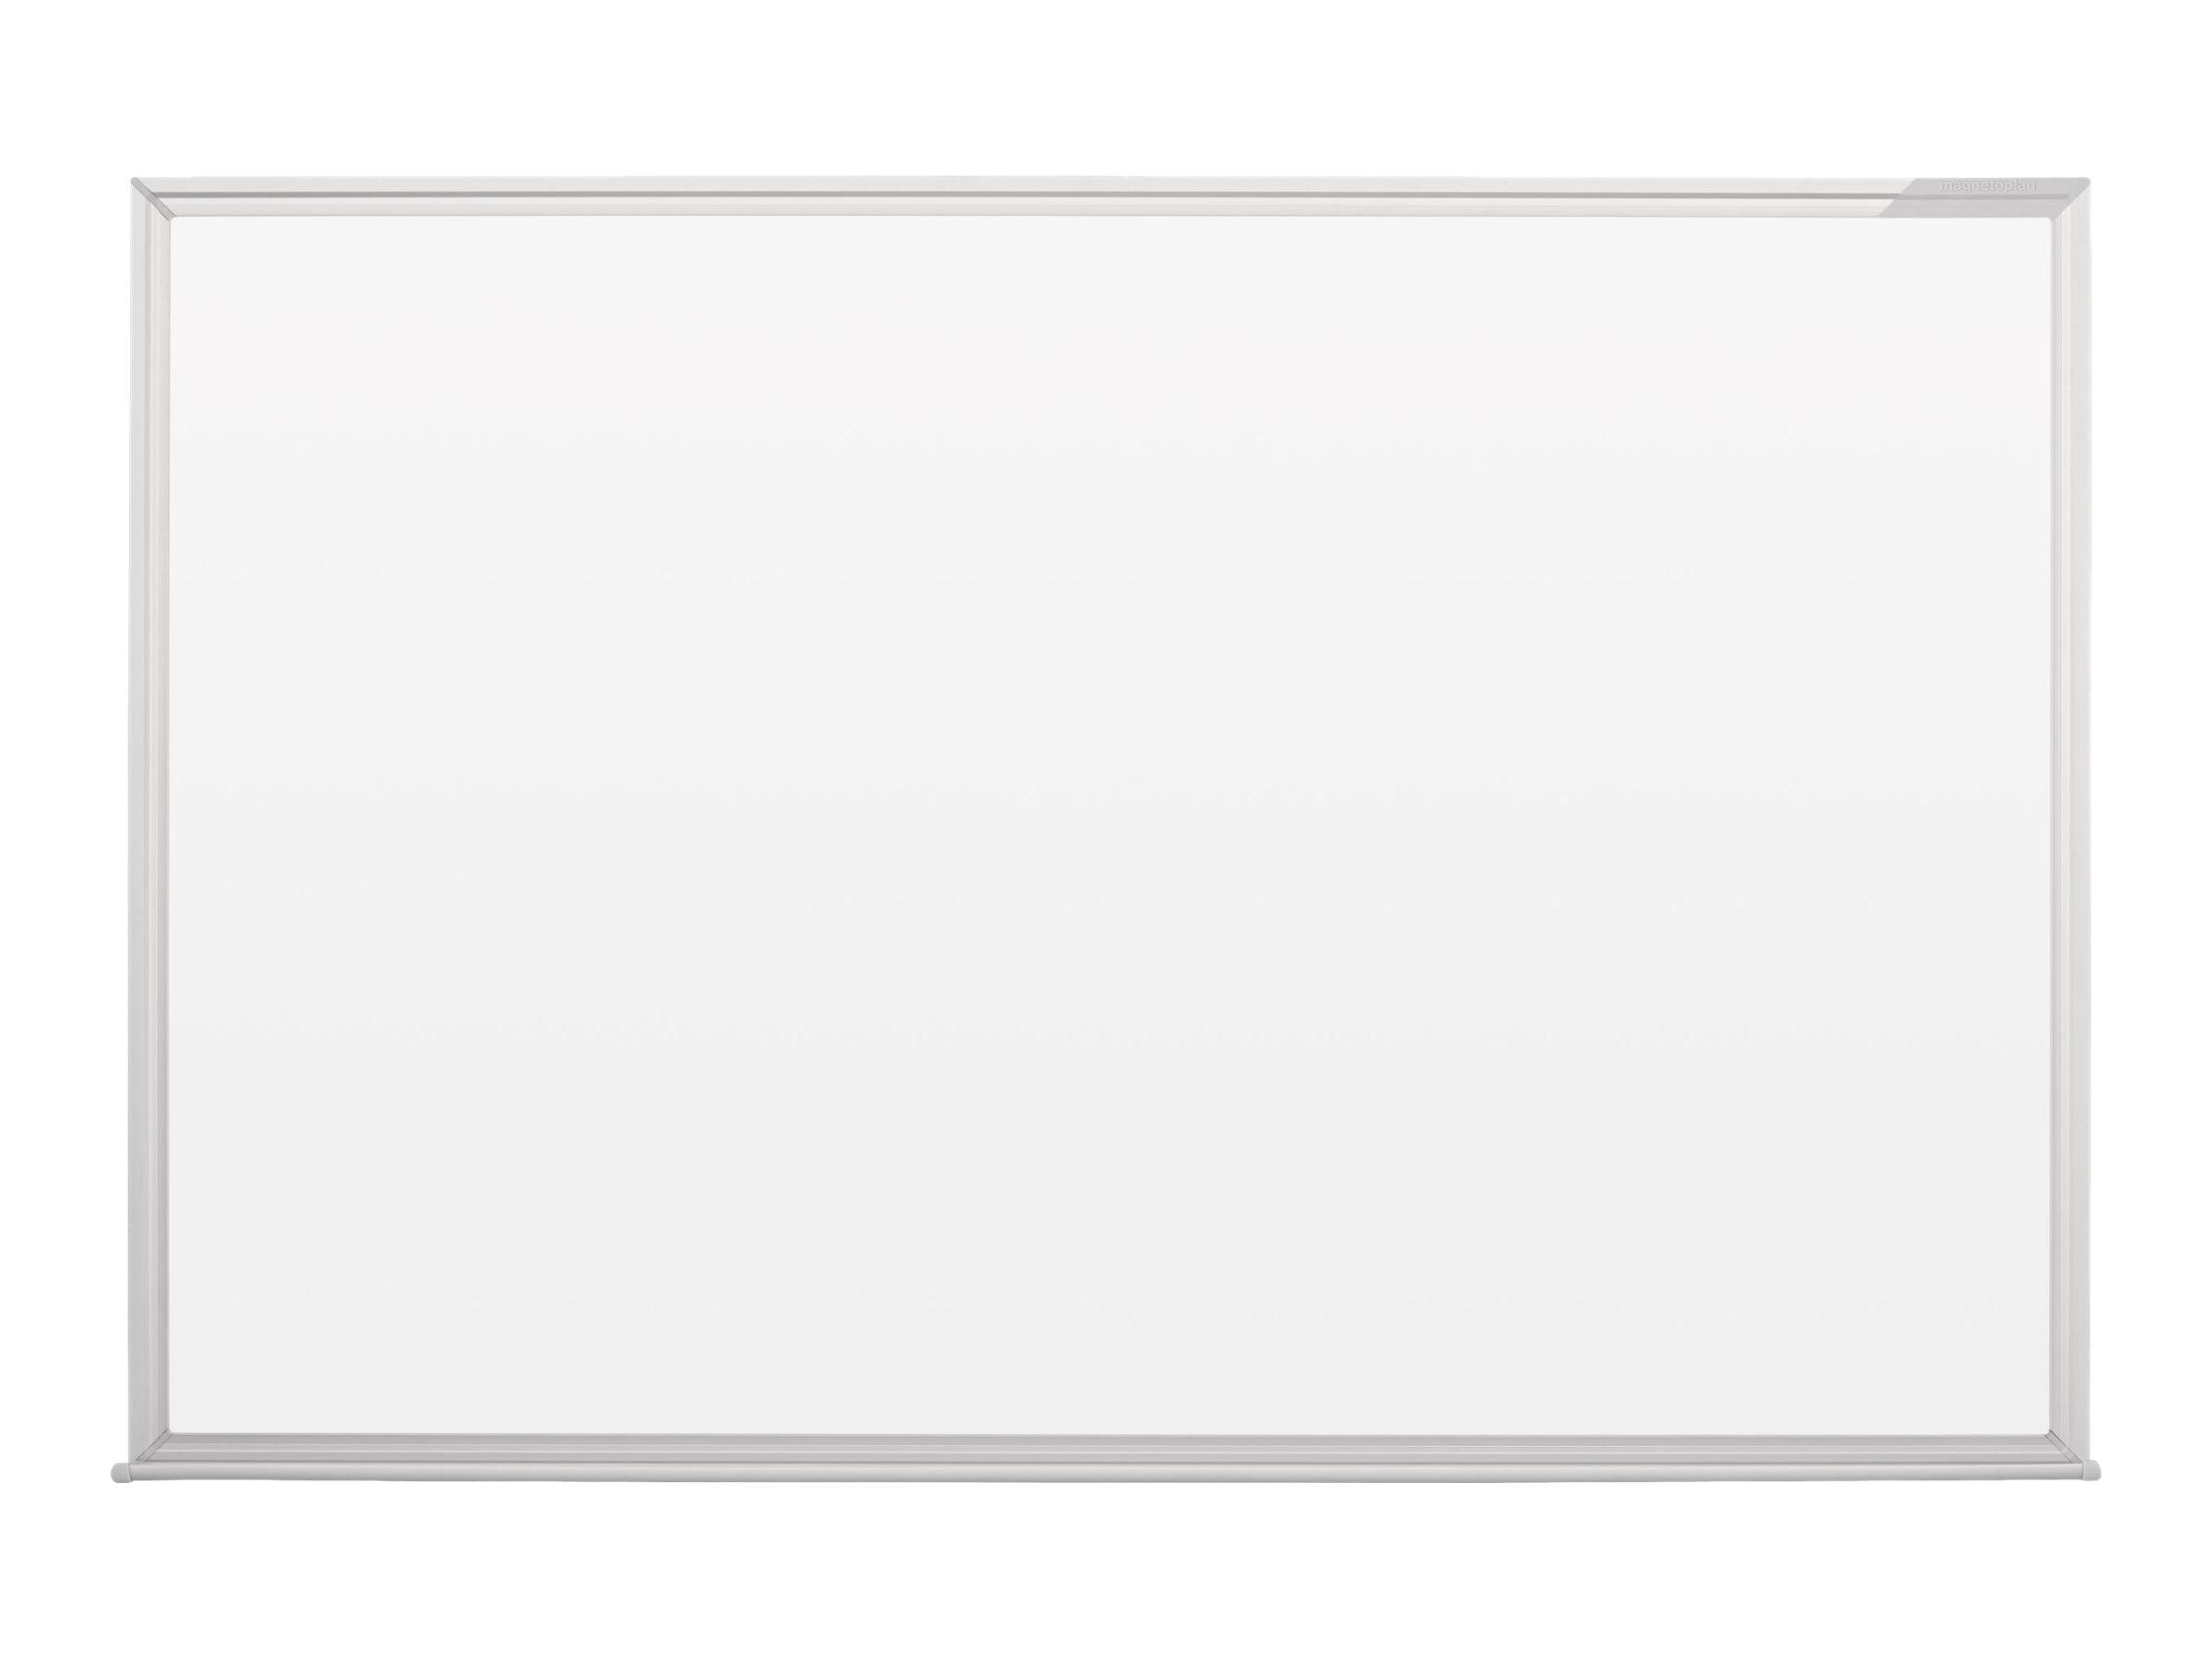 Magnetoplan SP - Whiteboard - geeignet für Wandmontage - 900 x 600 mm - magnetisch